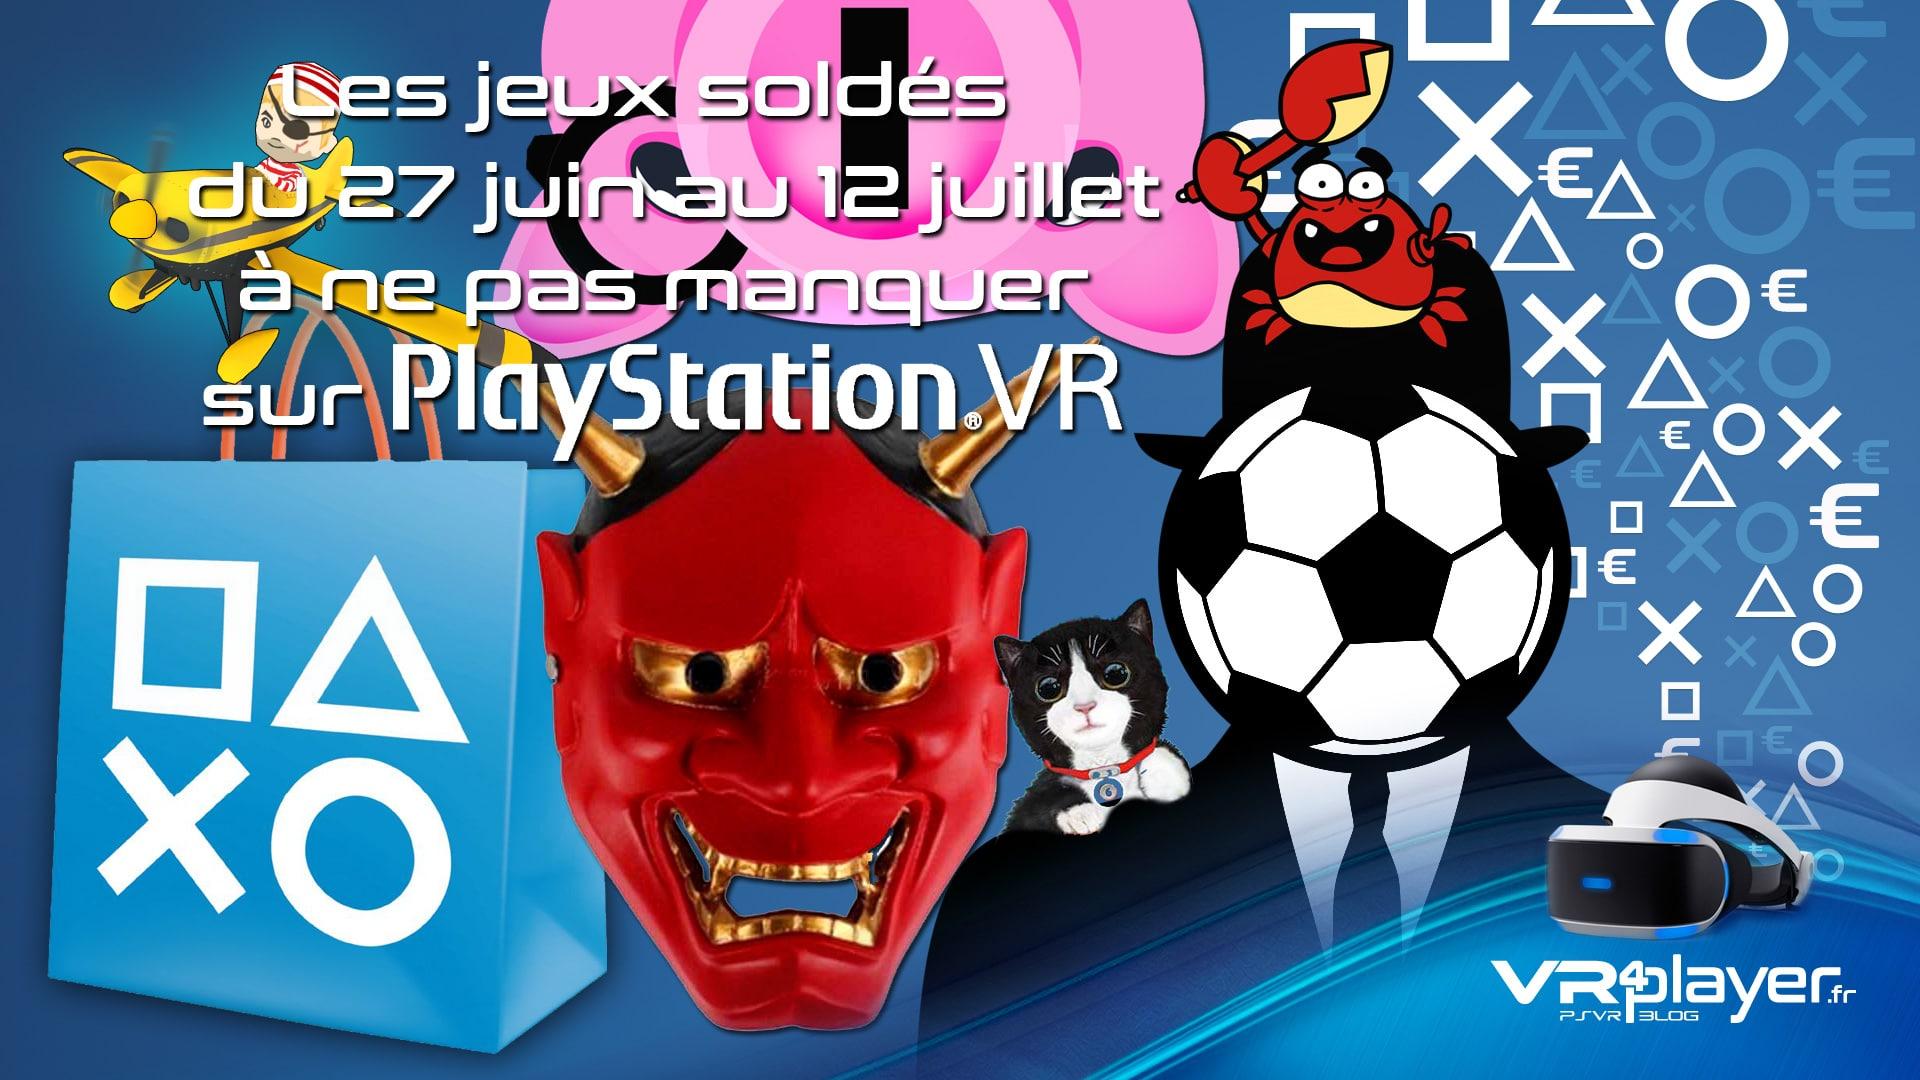 les promotions PSVR du Store en juillet vr4player.fr